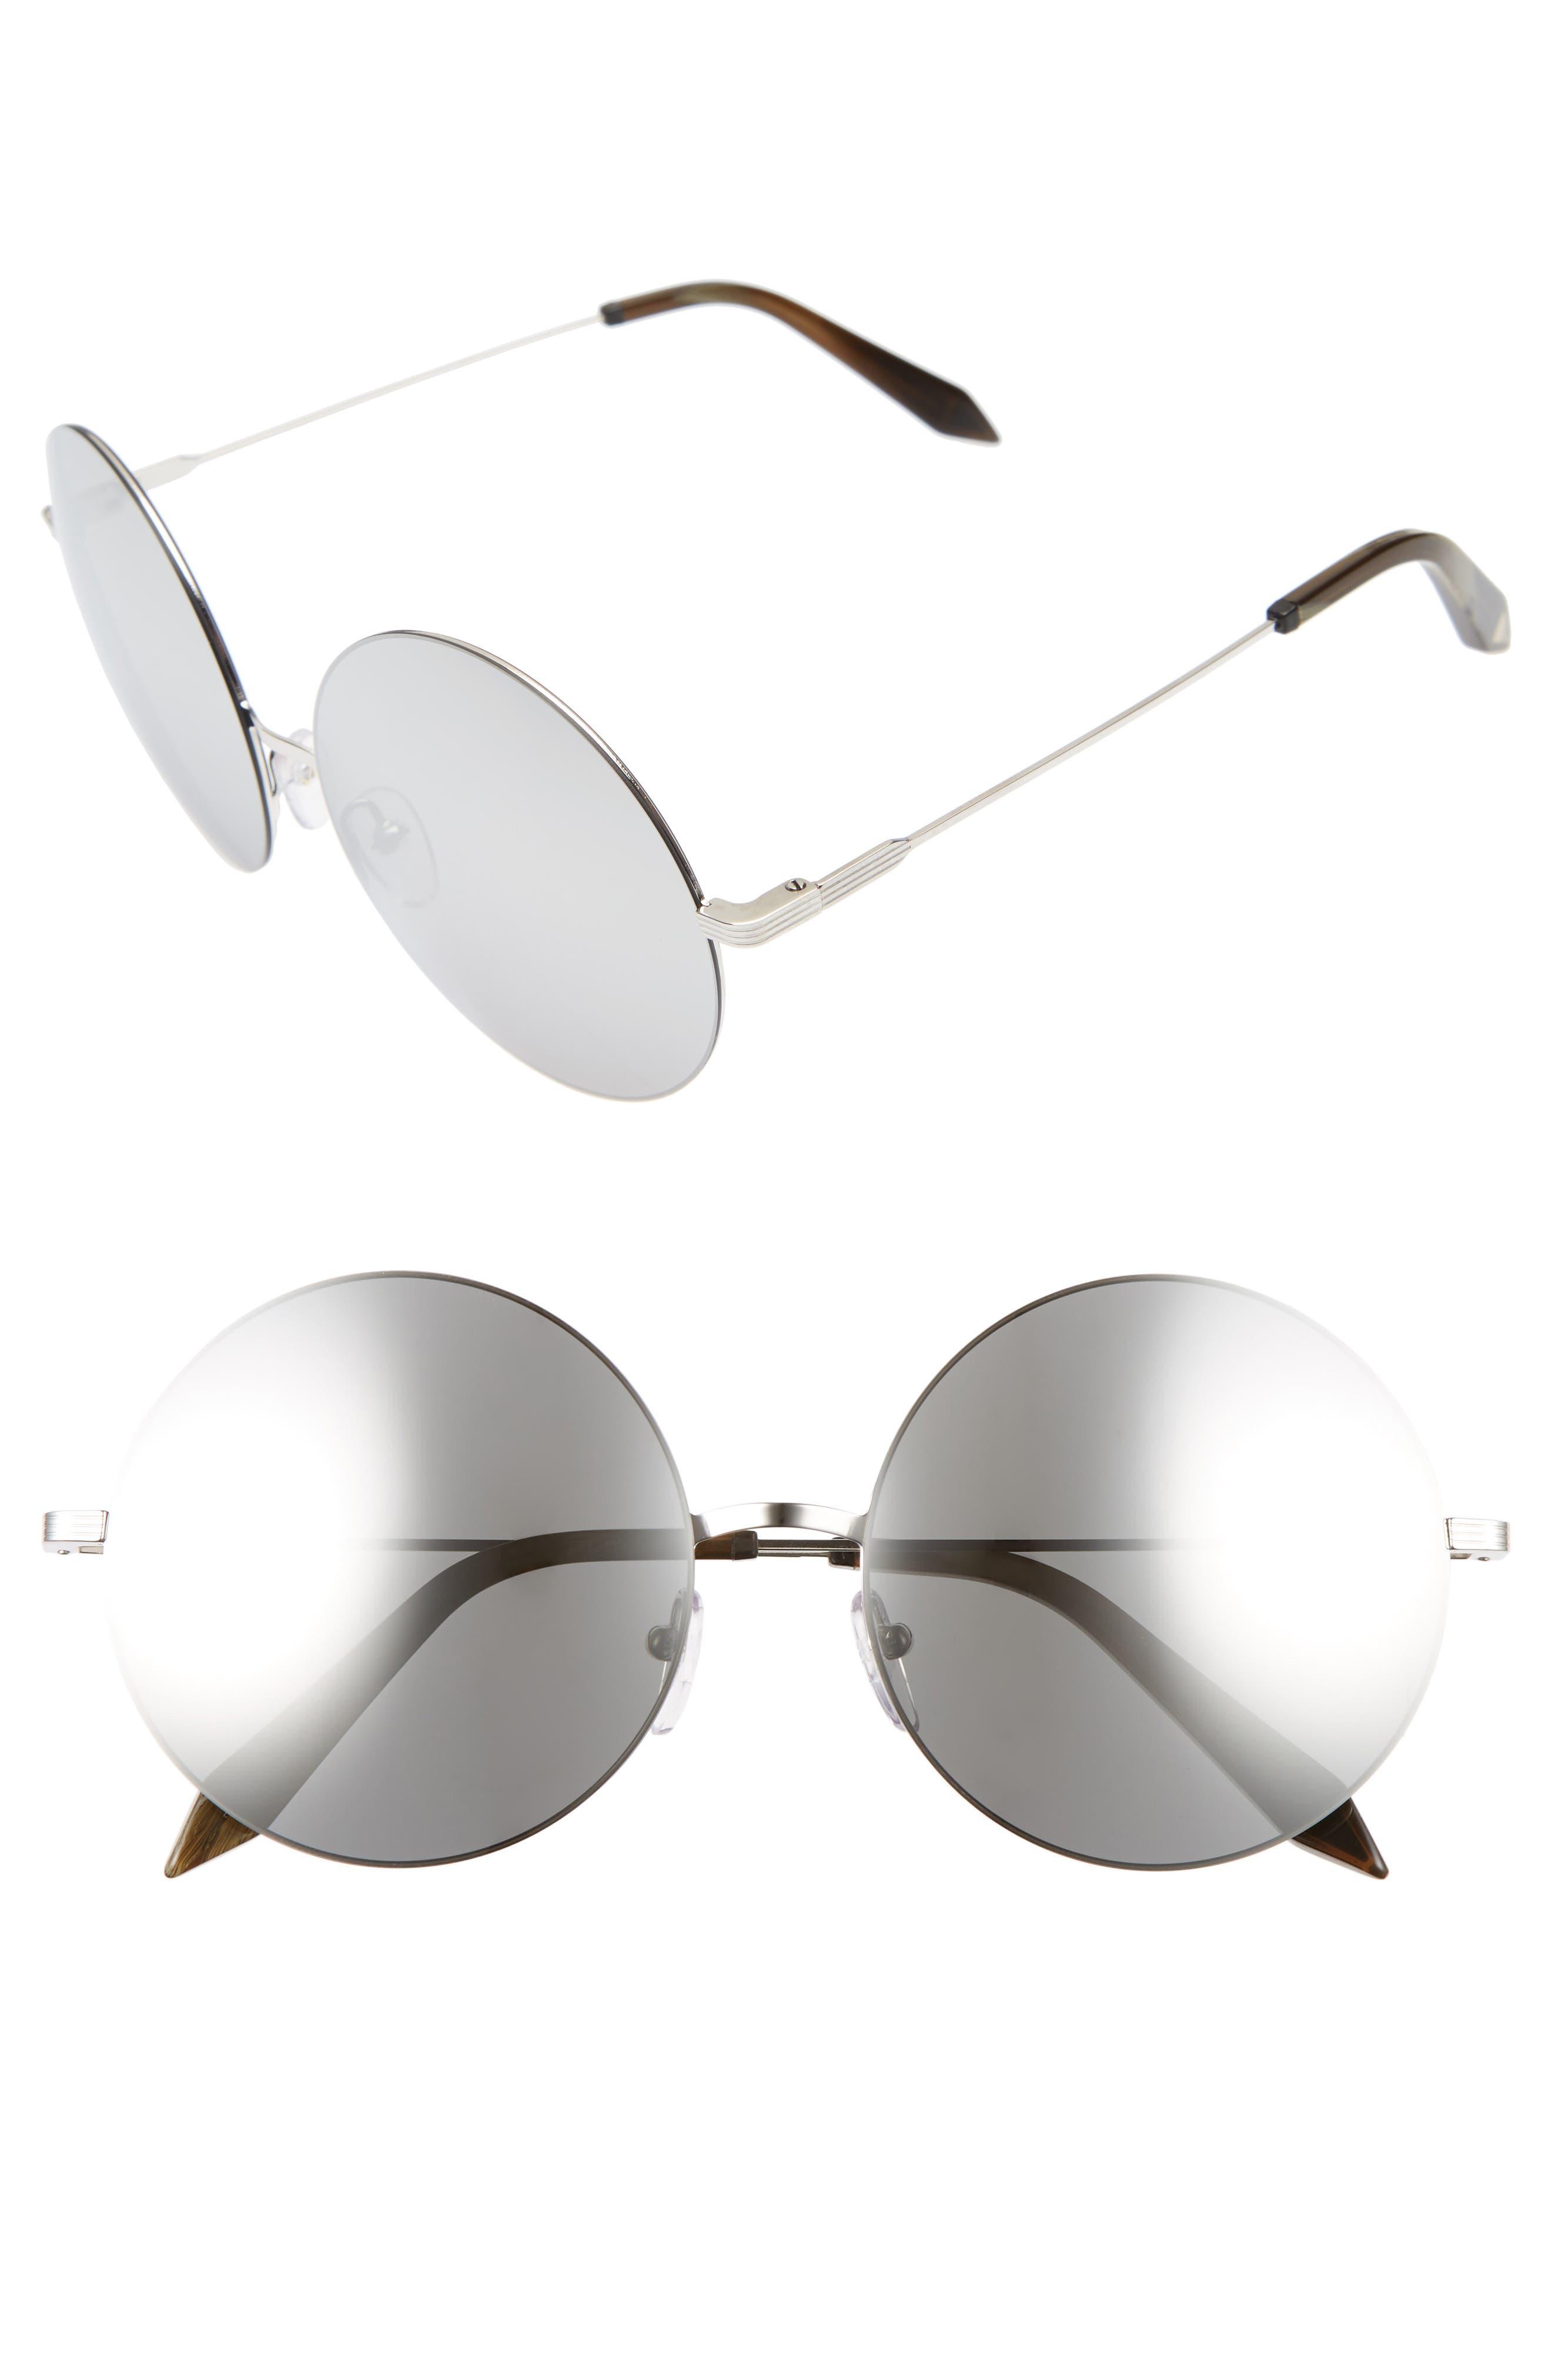 Feather 58mm Round Sunglasses,                         Main,                         color, Platinum Mirror